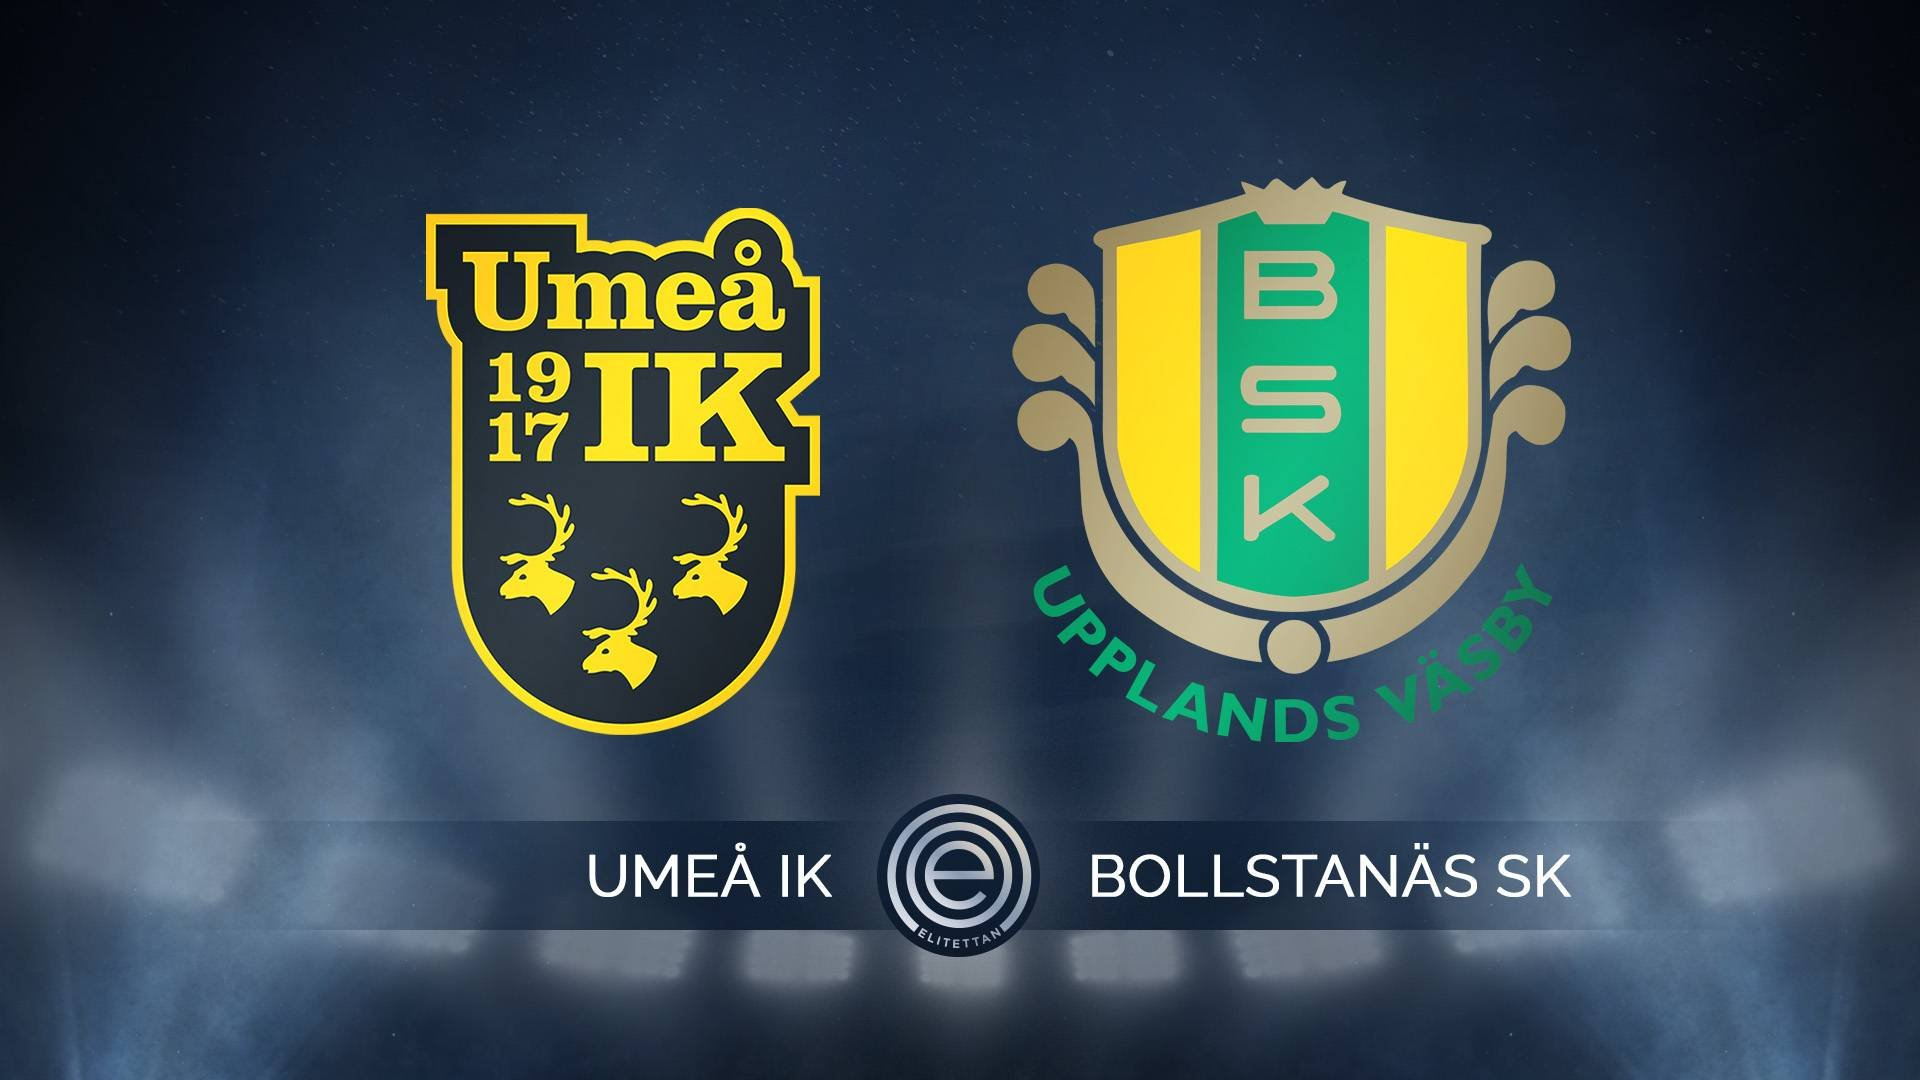 Highlights: Umeå IK-Bollstanäs SK